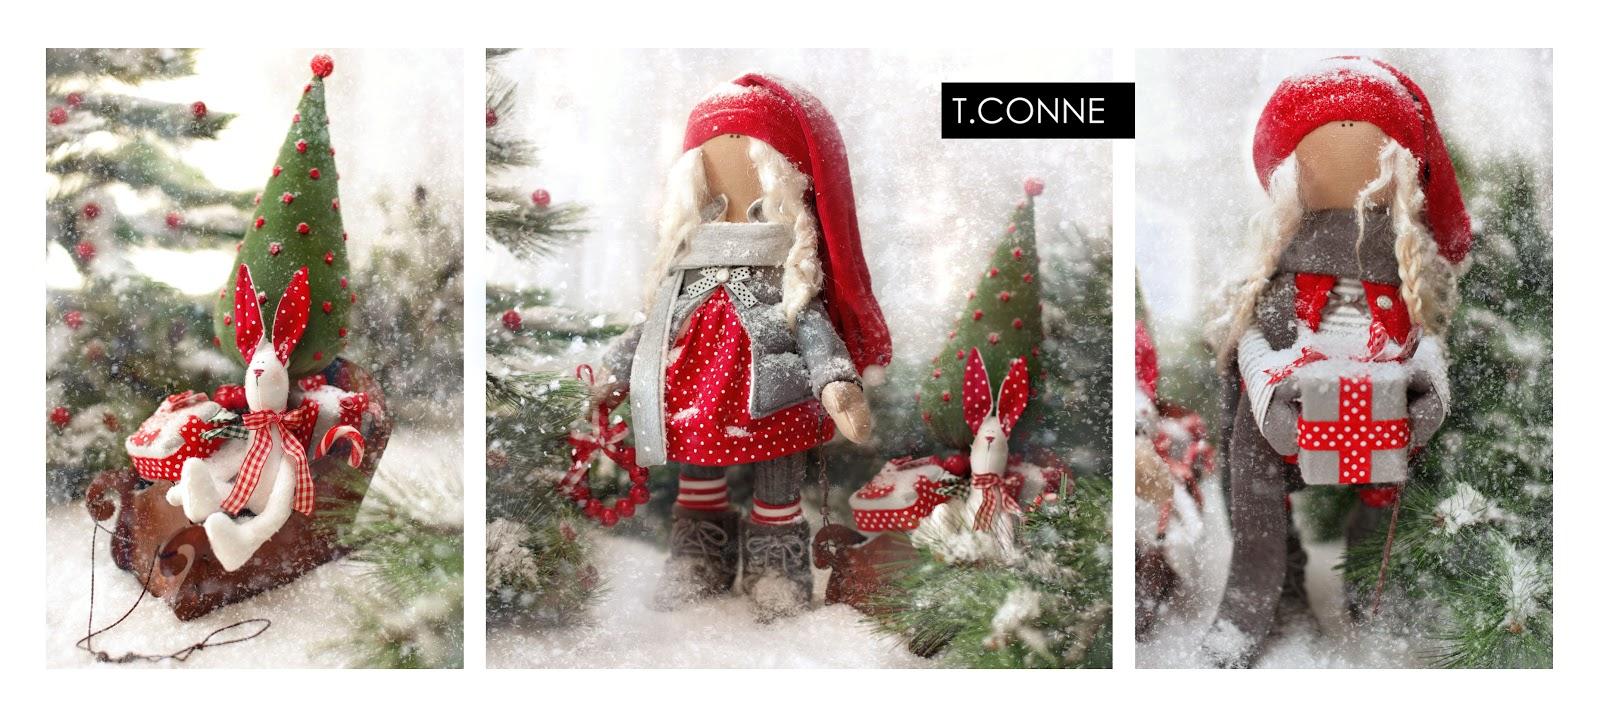 Про Татьяну нельзя не вспомнить, тем более и повод есть, волшебная рождественская история в ее блоге.